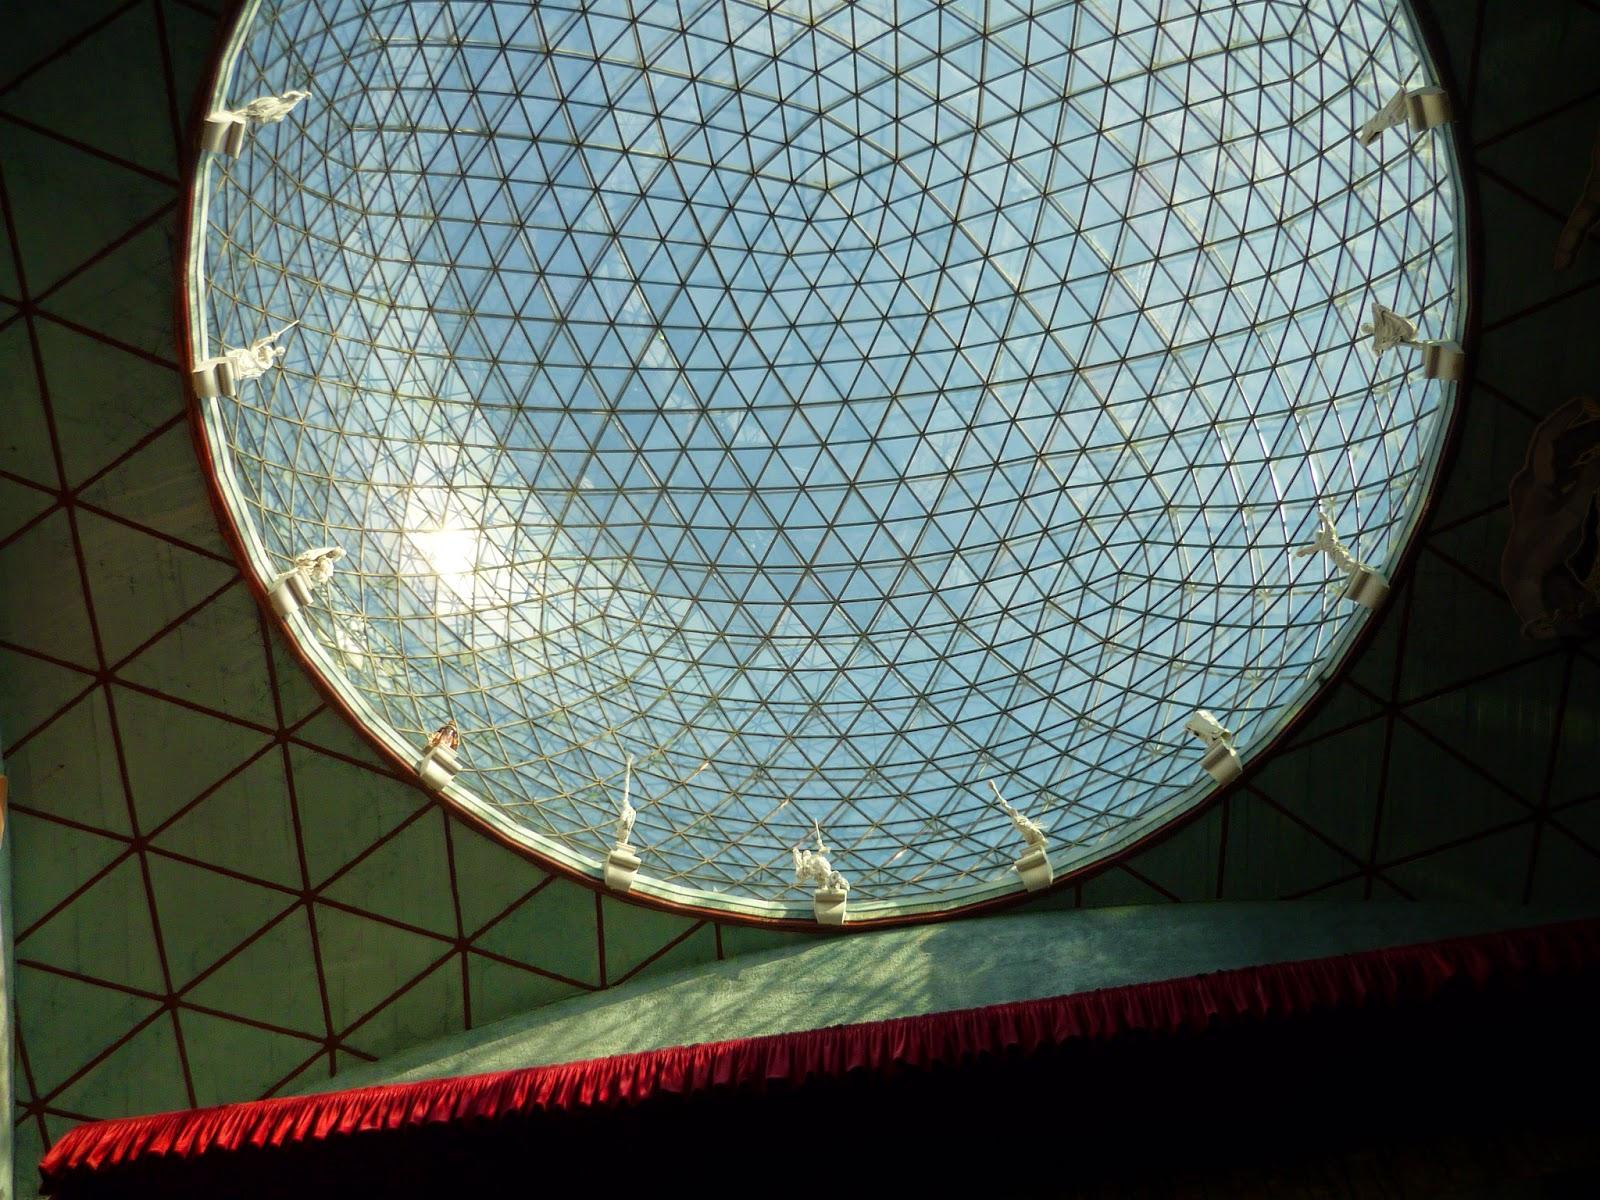 Geometría (Museu Dalí de Figueres) 2009, Beatriz